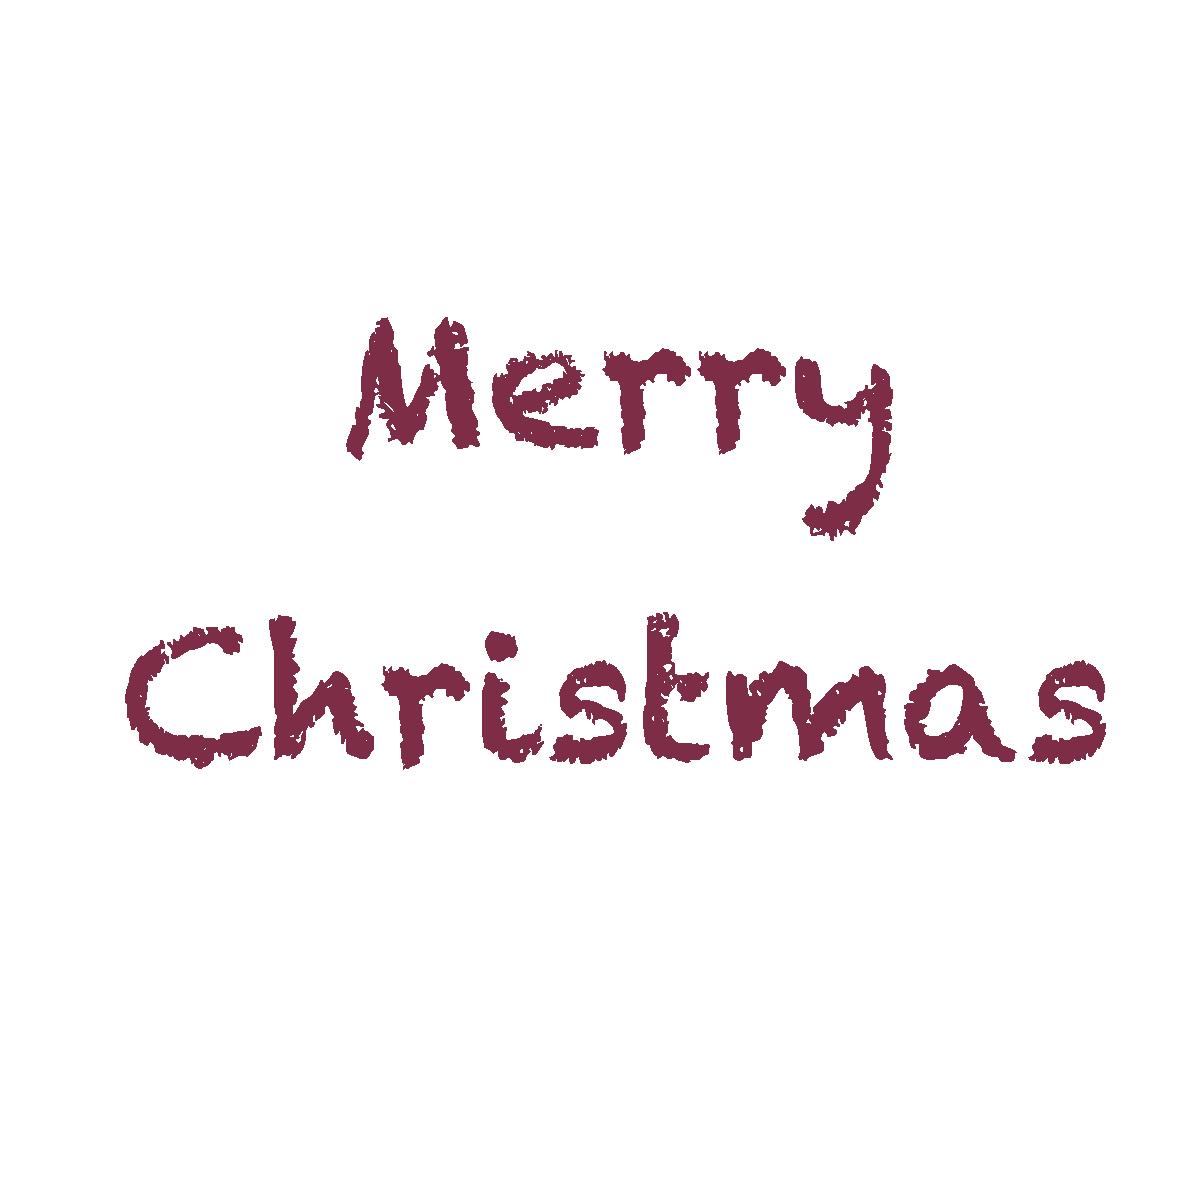 クレヨンタッチのメリークリスマス文字」 - 無料イラスト愛